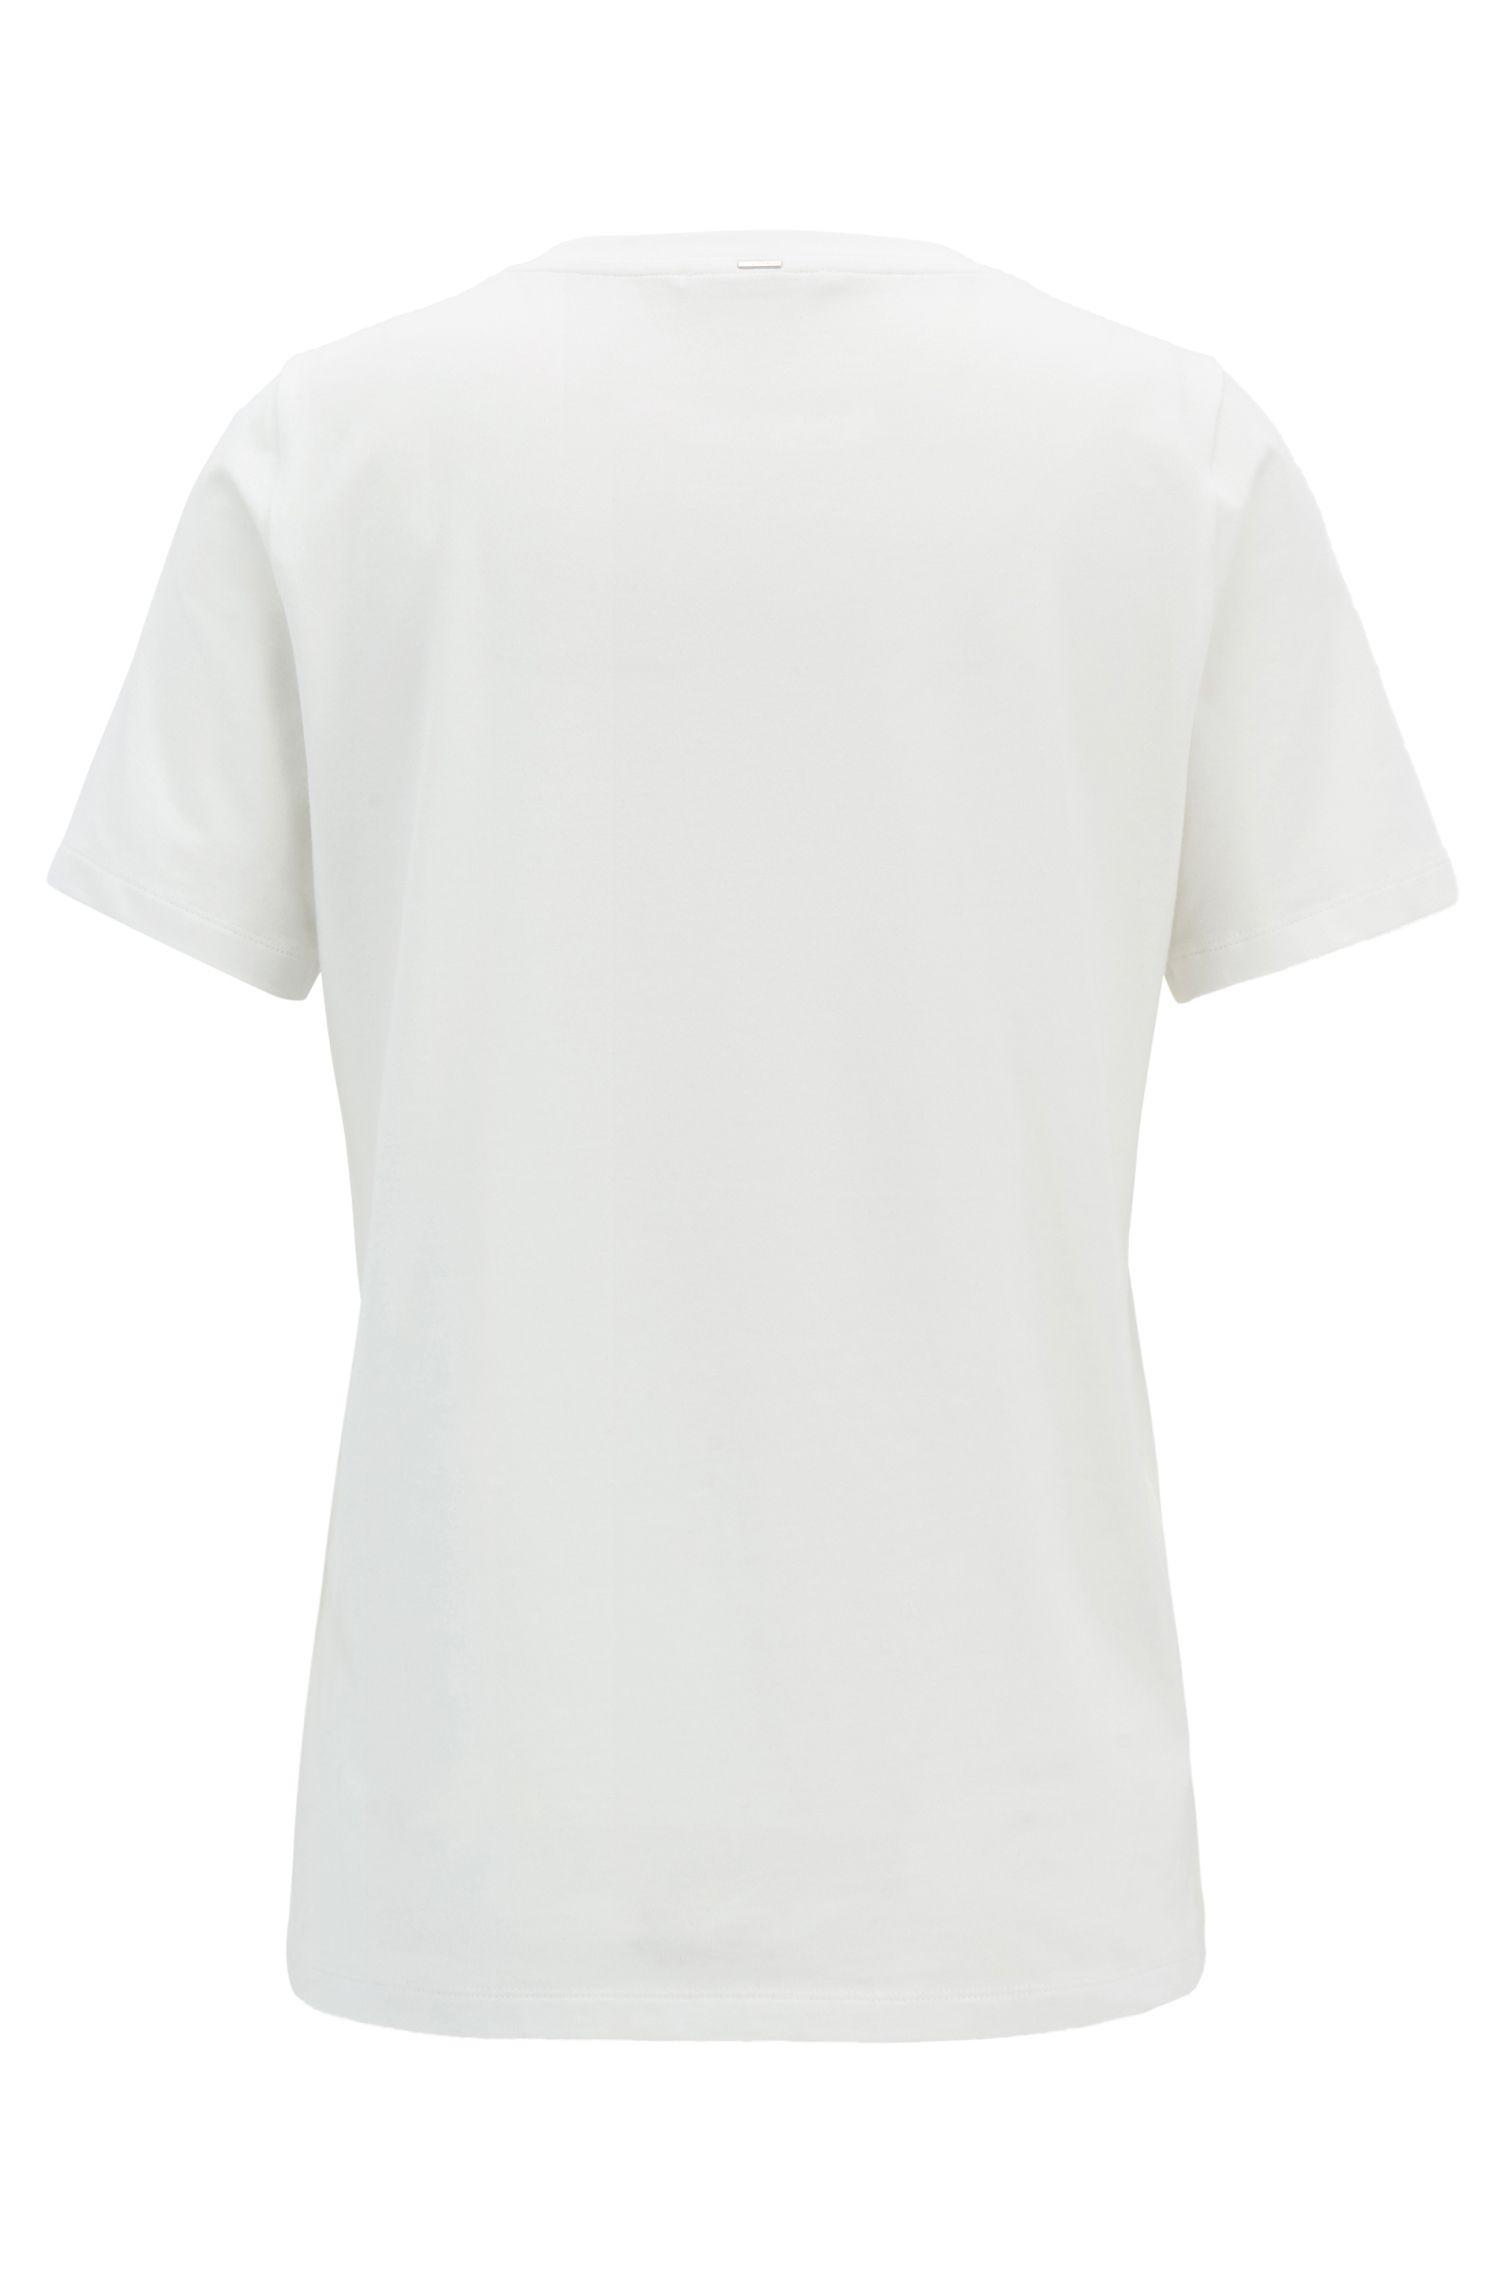 T-shirt en doux tissu stretch avec message imprimé, Chair